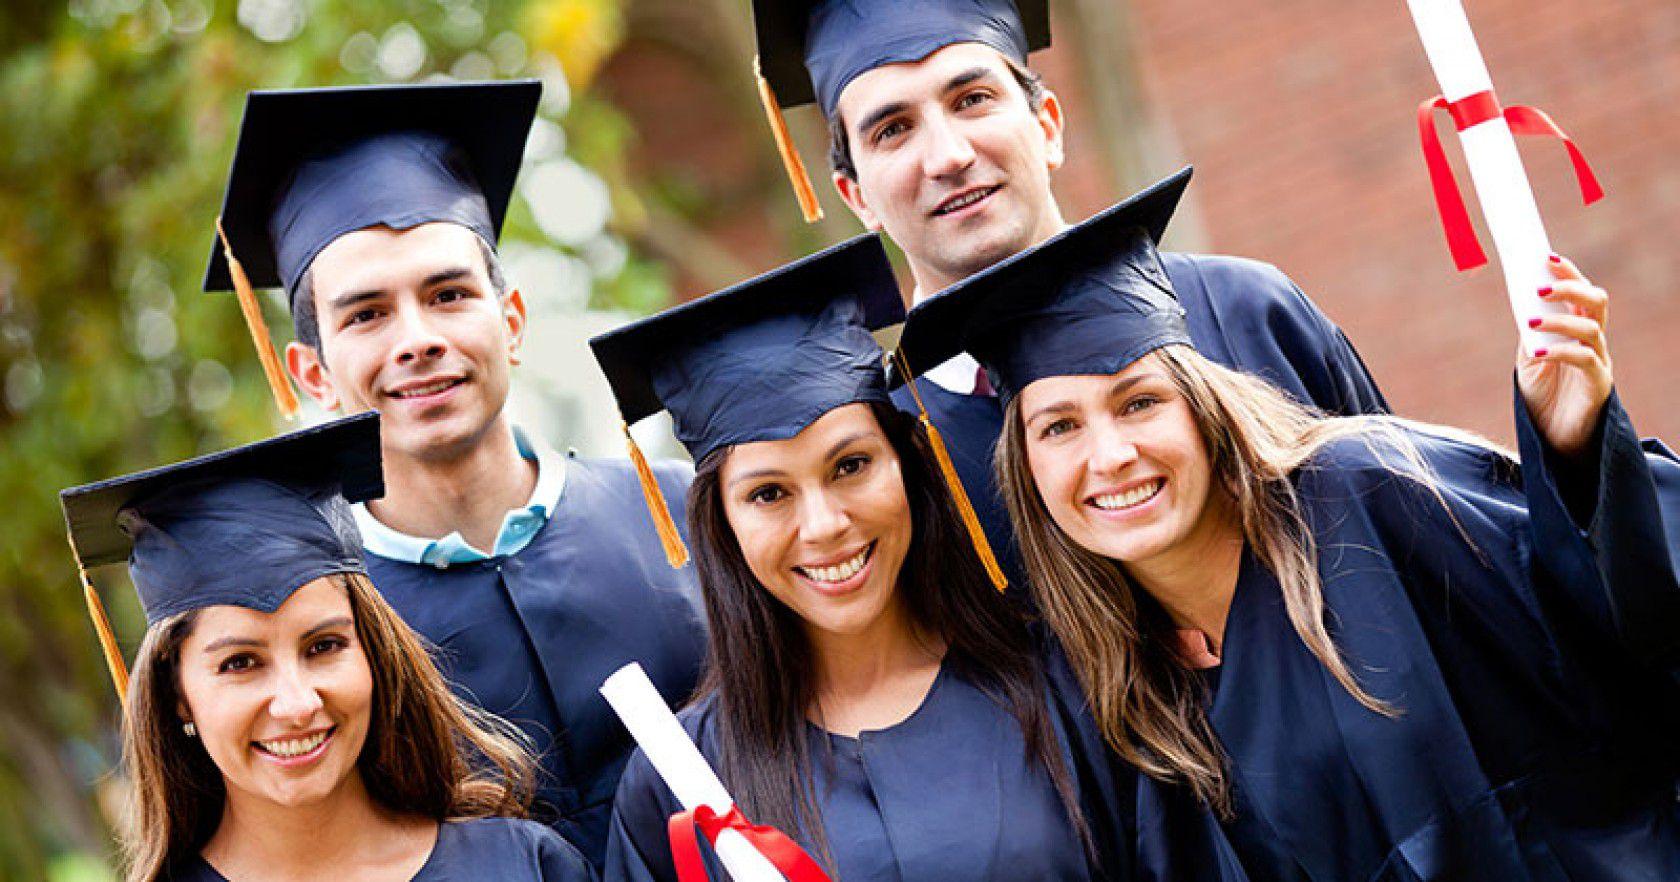 Avrupa Lise Eğitimi SLEP Sınavı Başvursu Koşulları Nelerdir